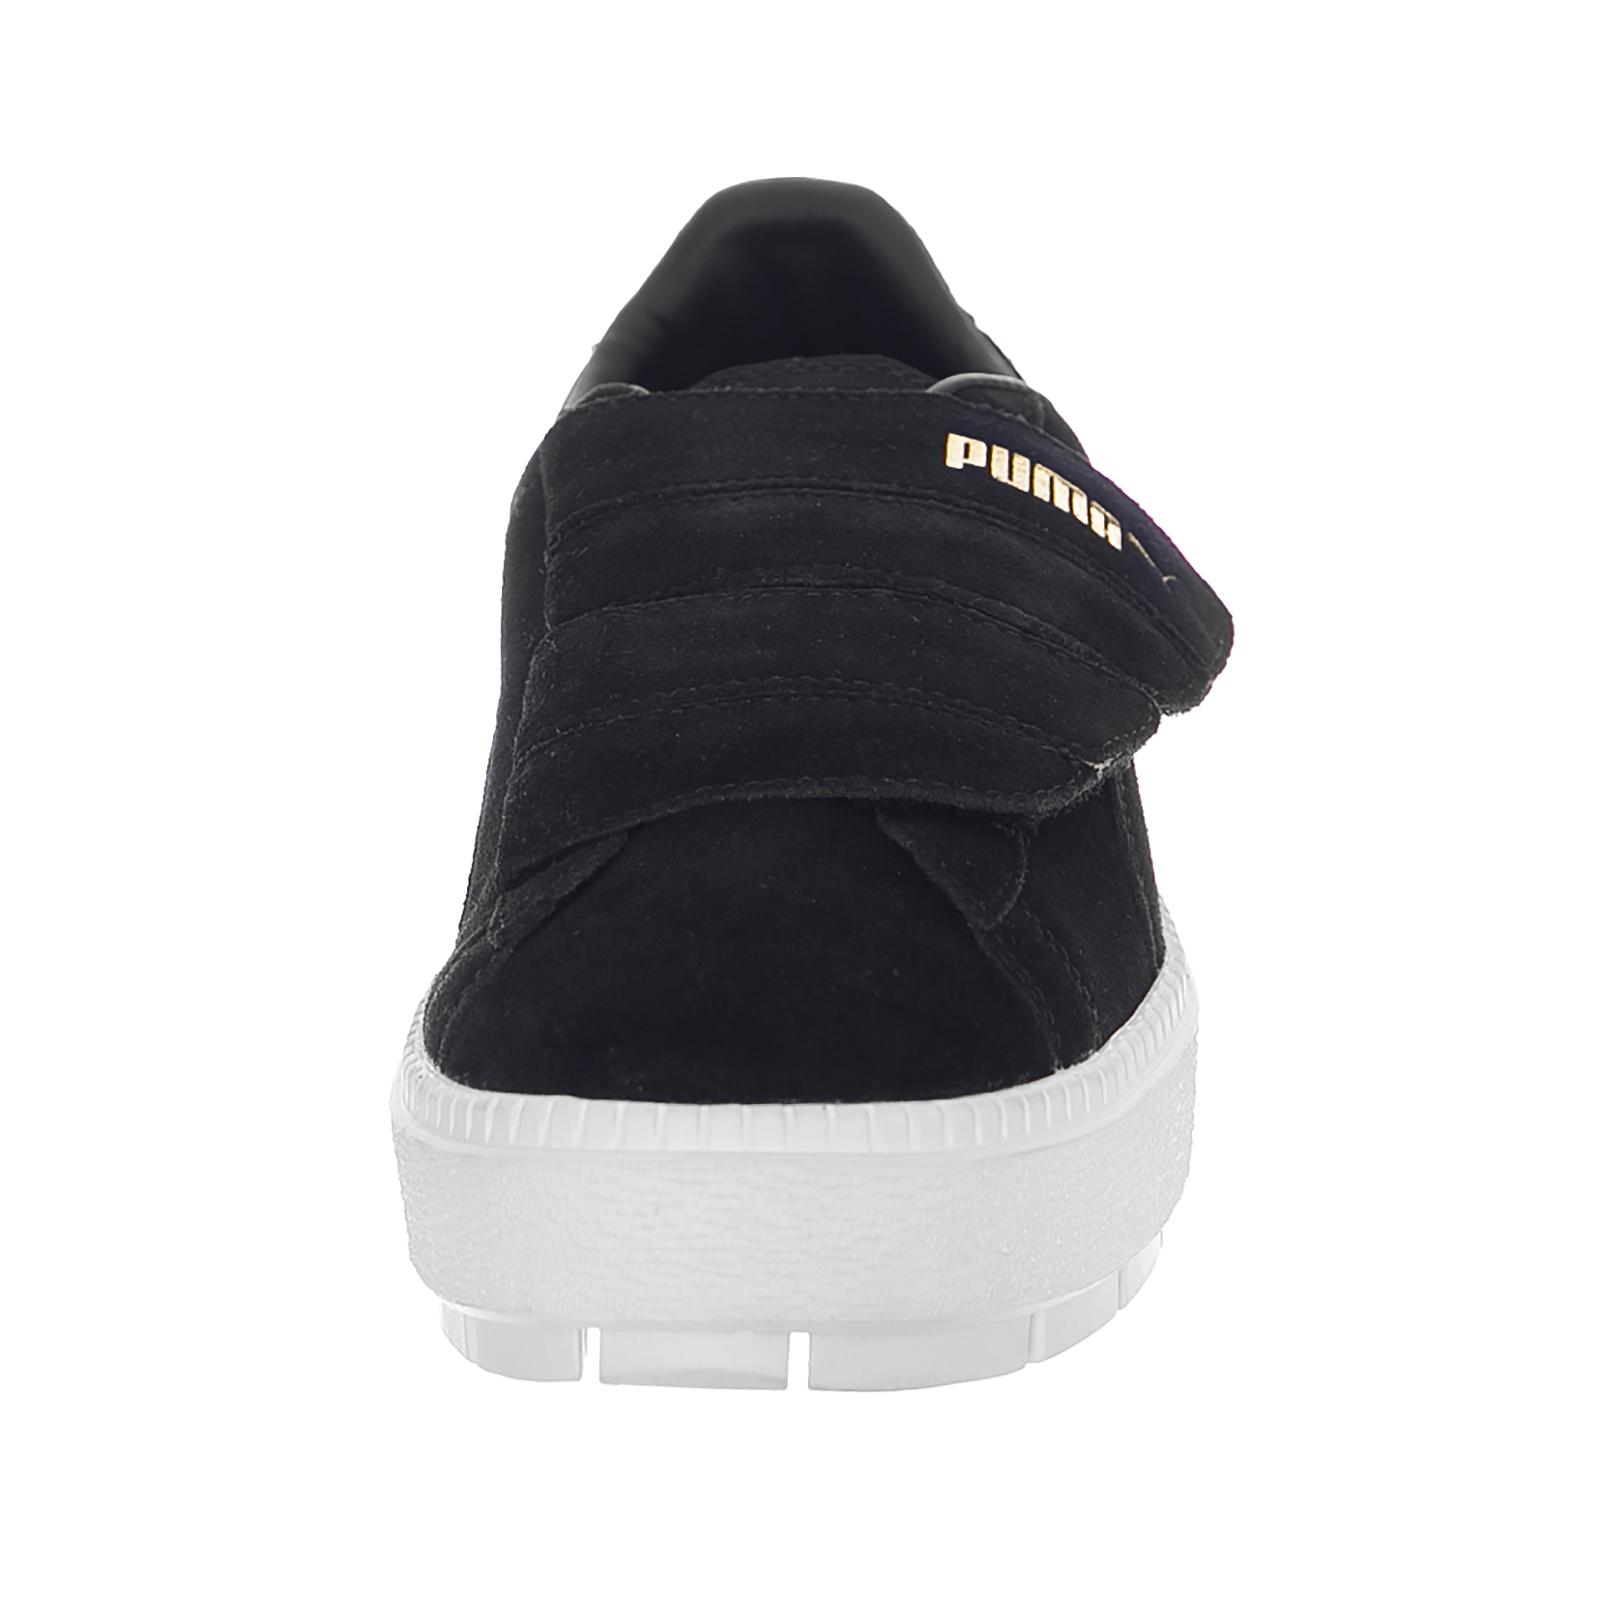 Puma Sneakers Platform Trace Strap Wn Nero S Puma Black Nero Wn d8dc66